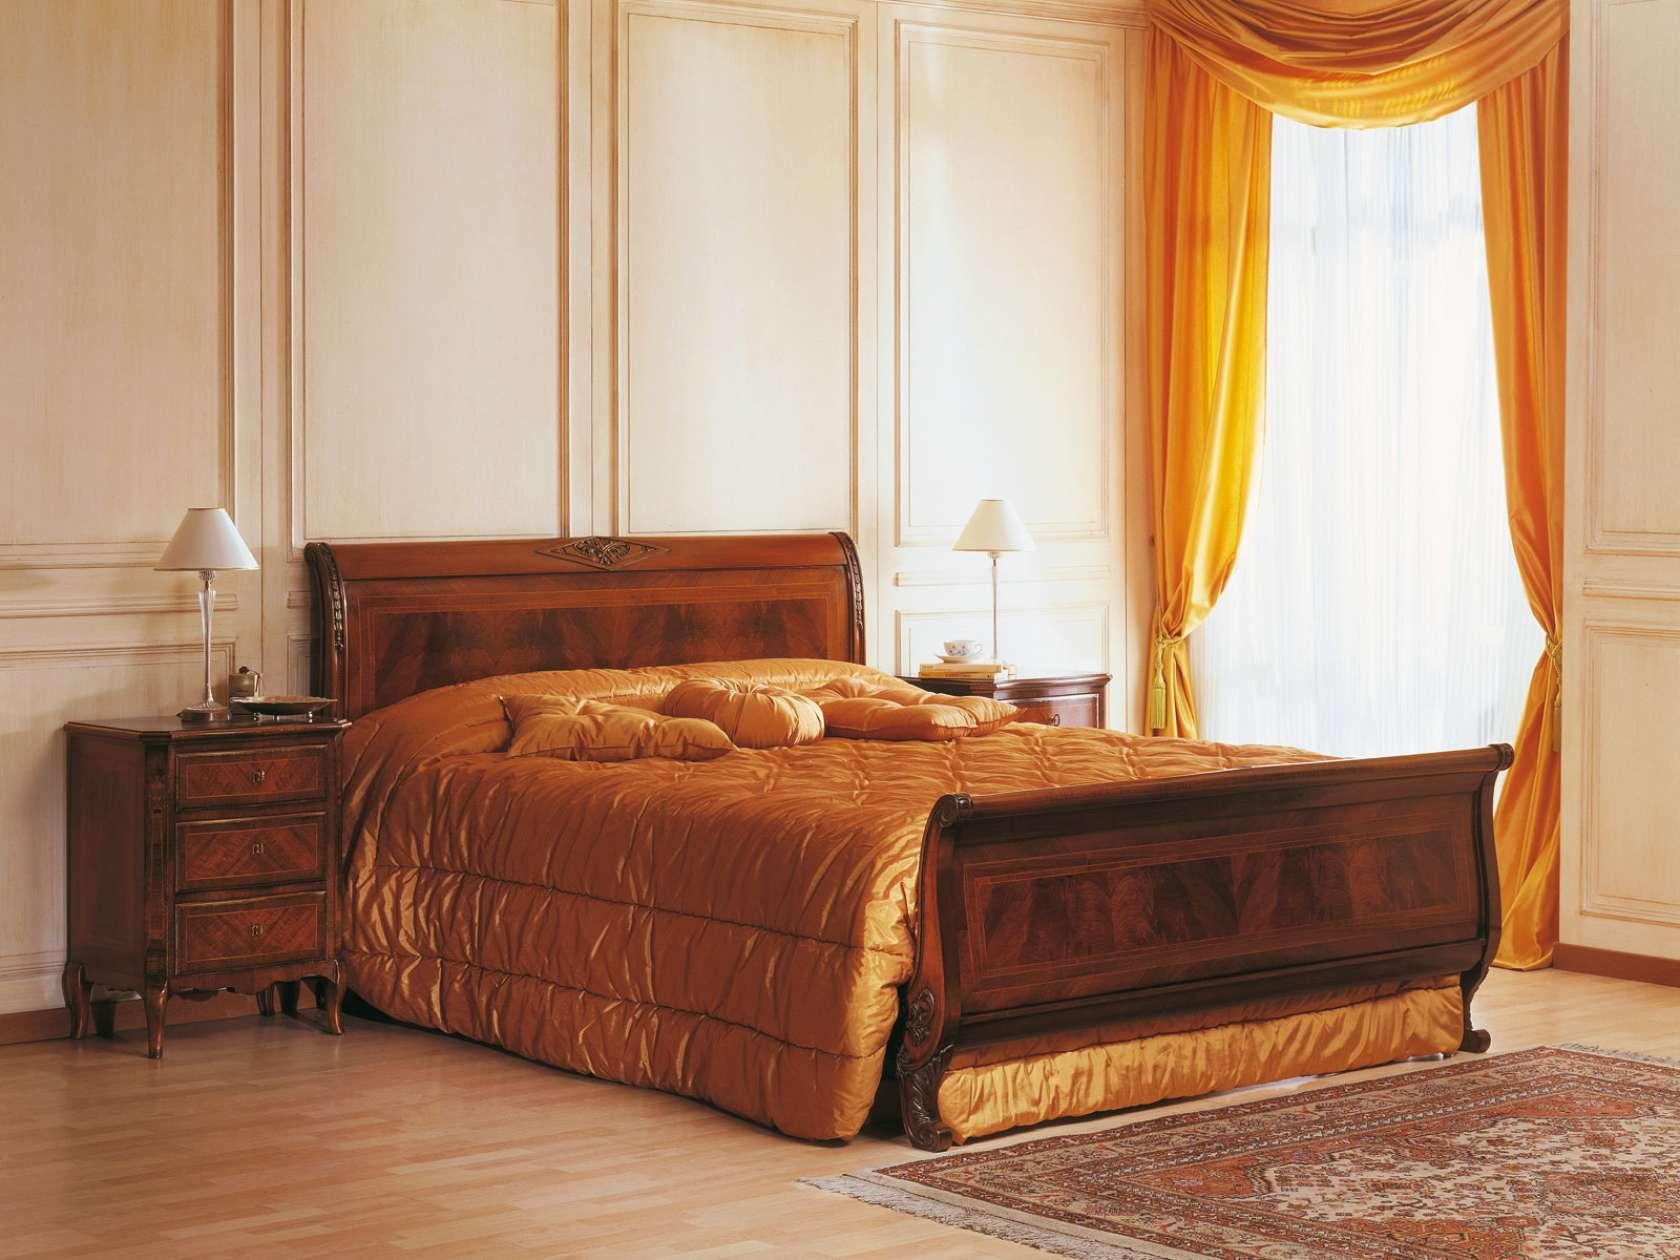 Camera da letto 800 francese letto in noce e comodino - Camera da letto francese ...